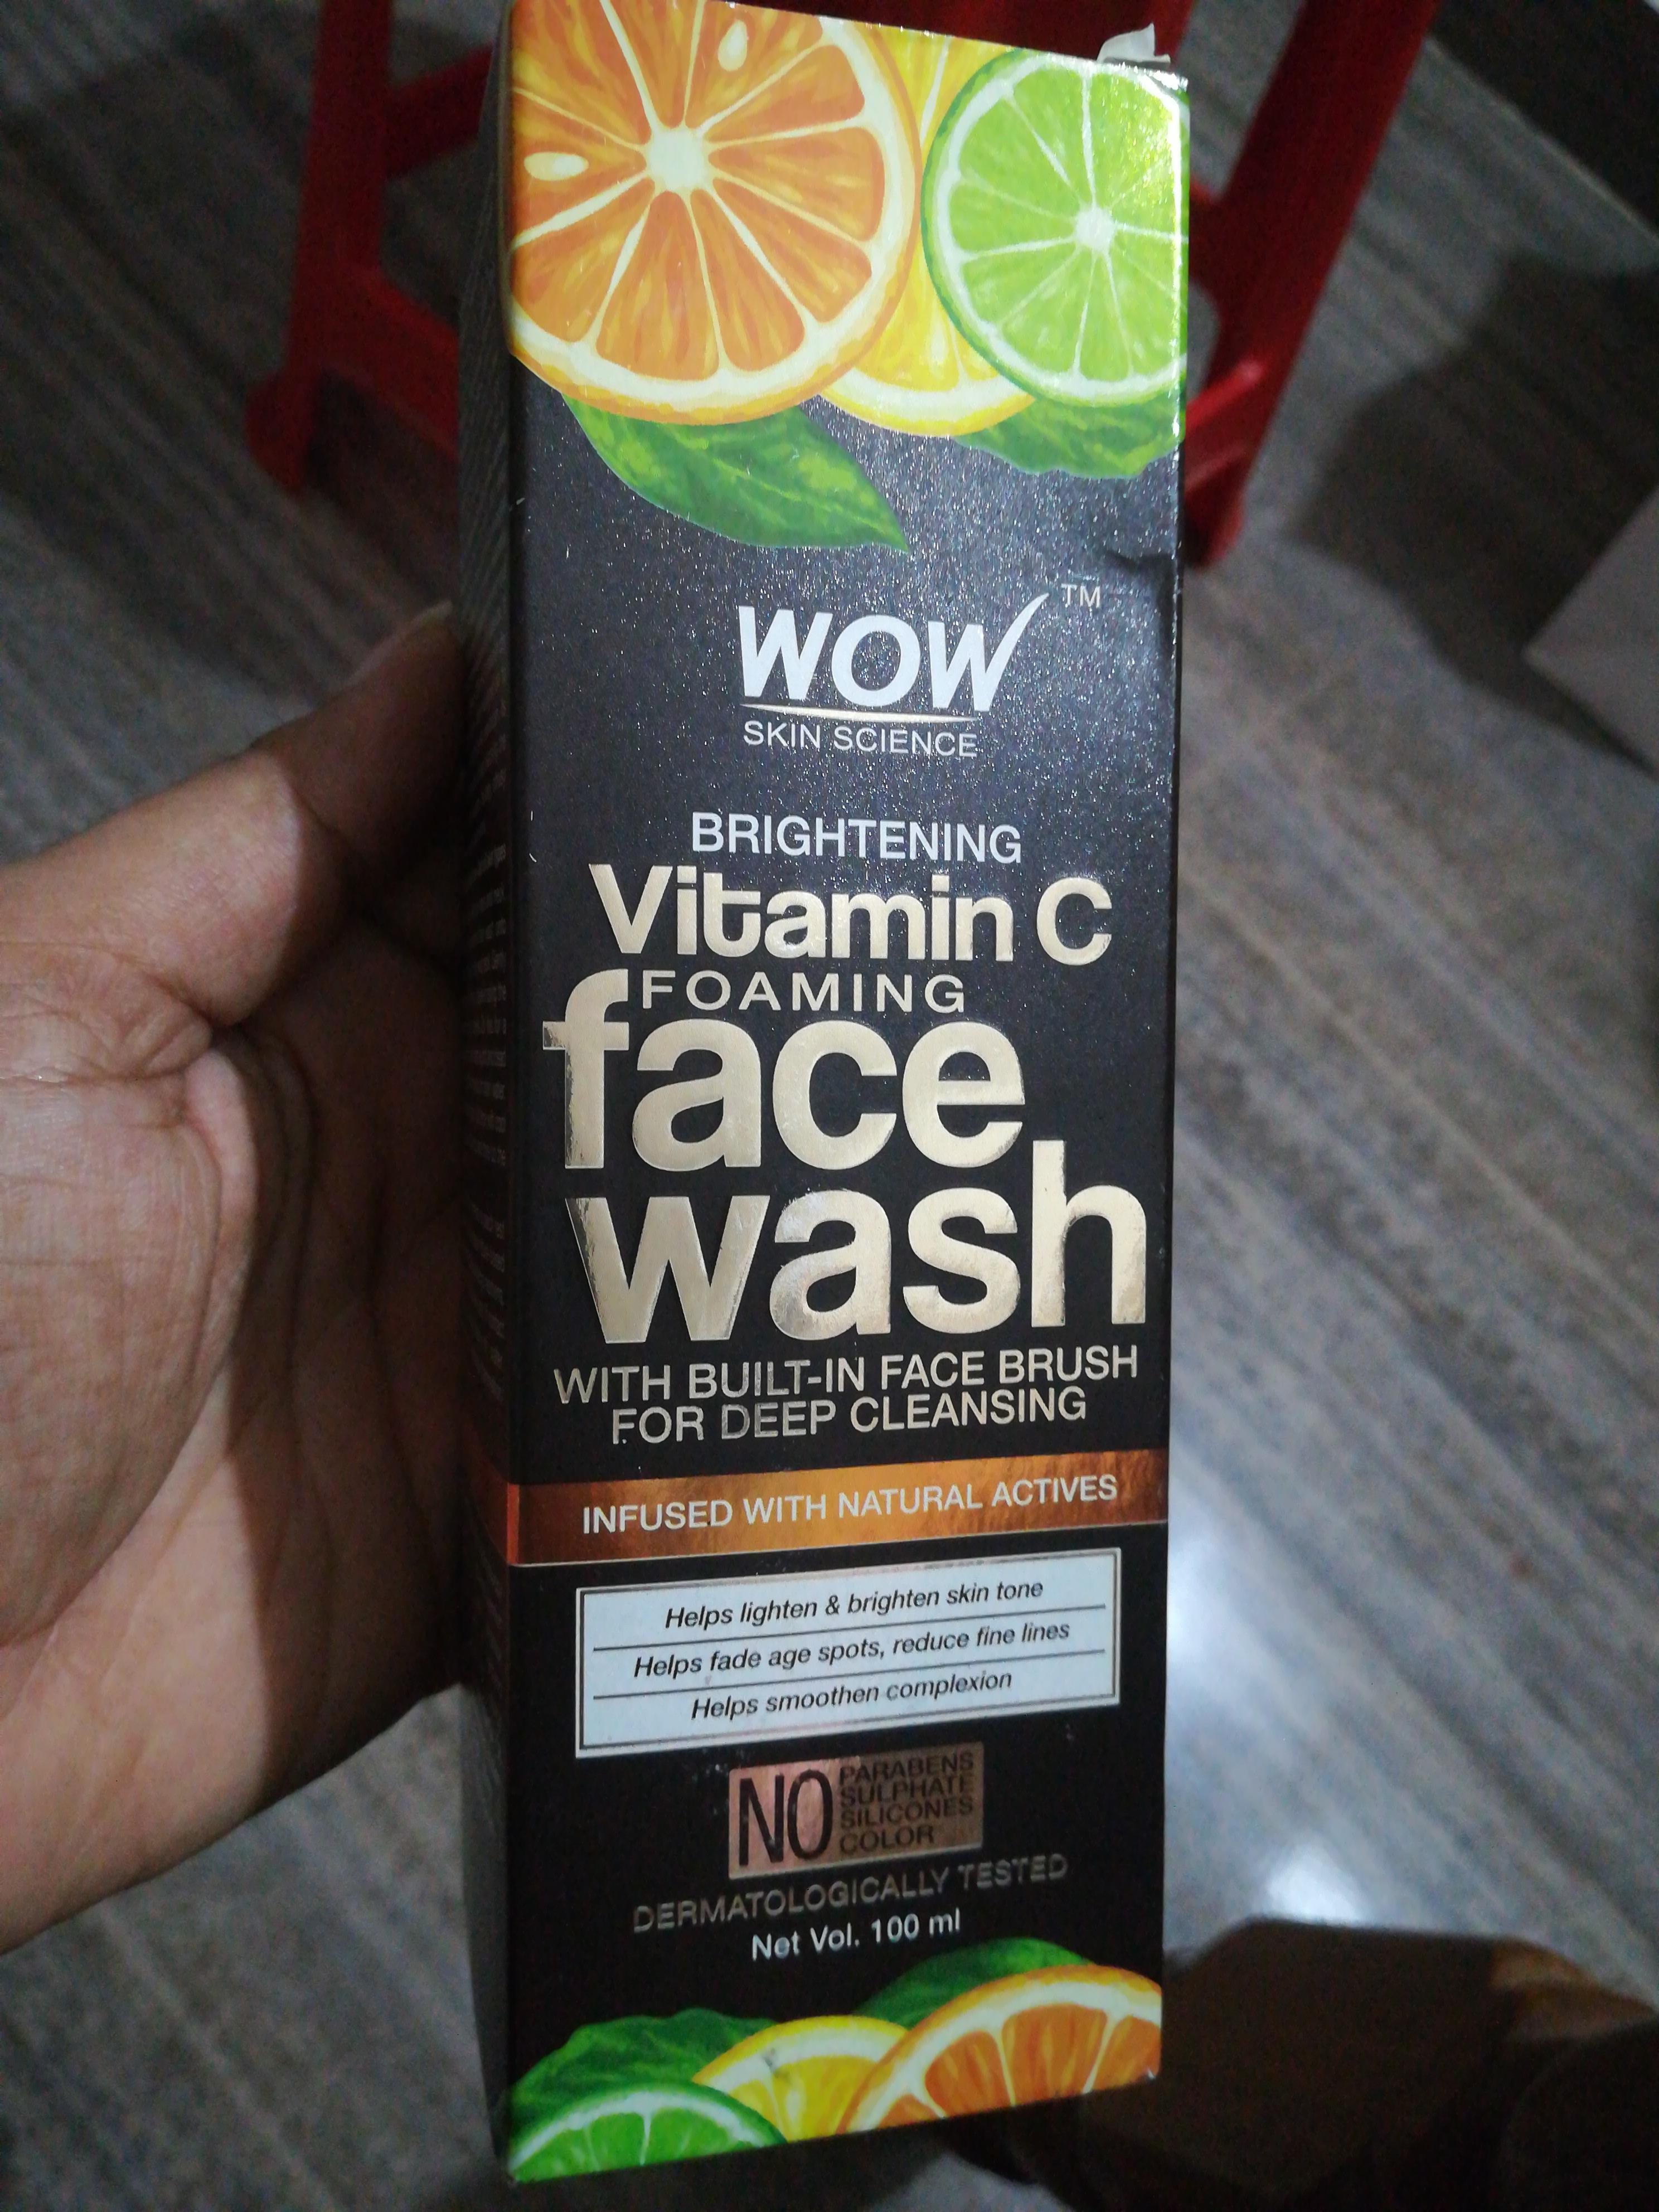 WOW Skin Science Brightening Vitamin C Face Wash-Best Brightening facewash-By vaishnavi11